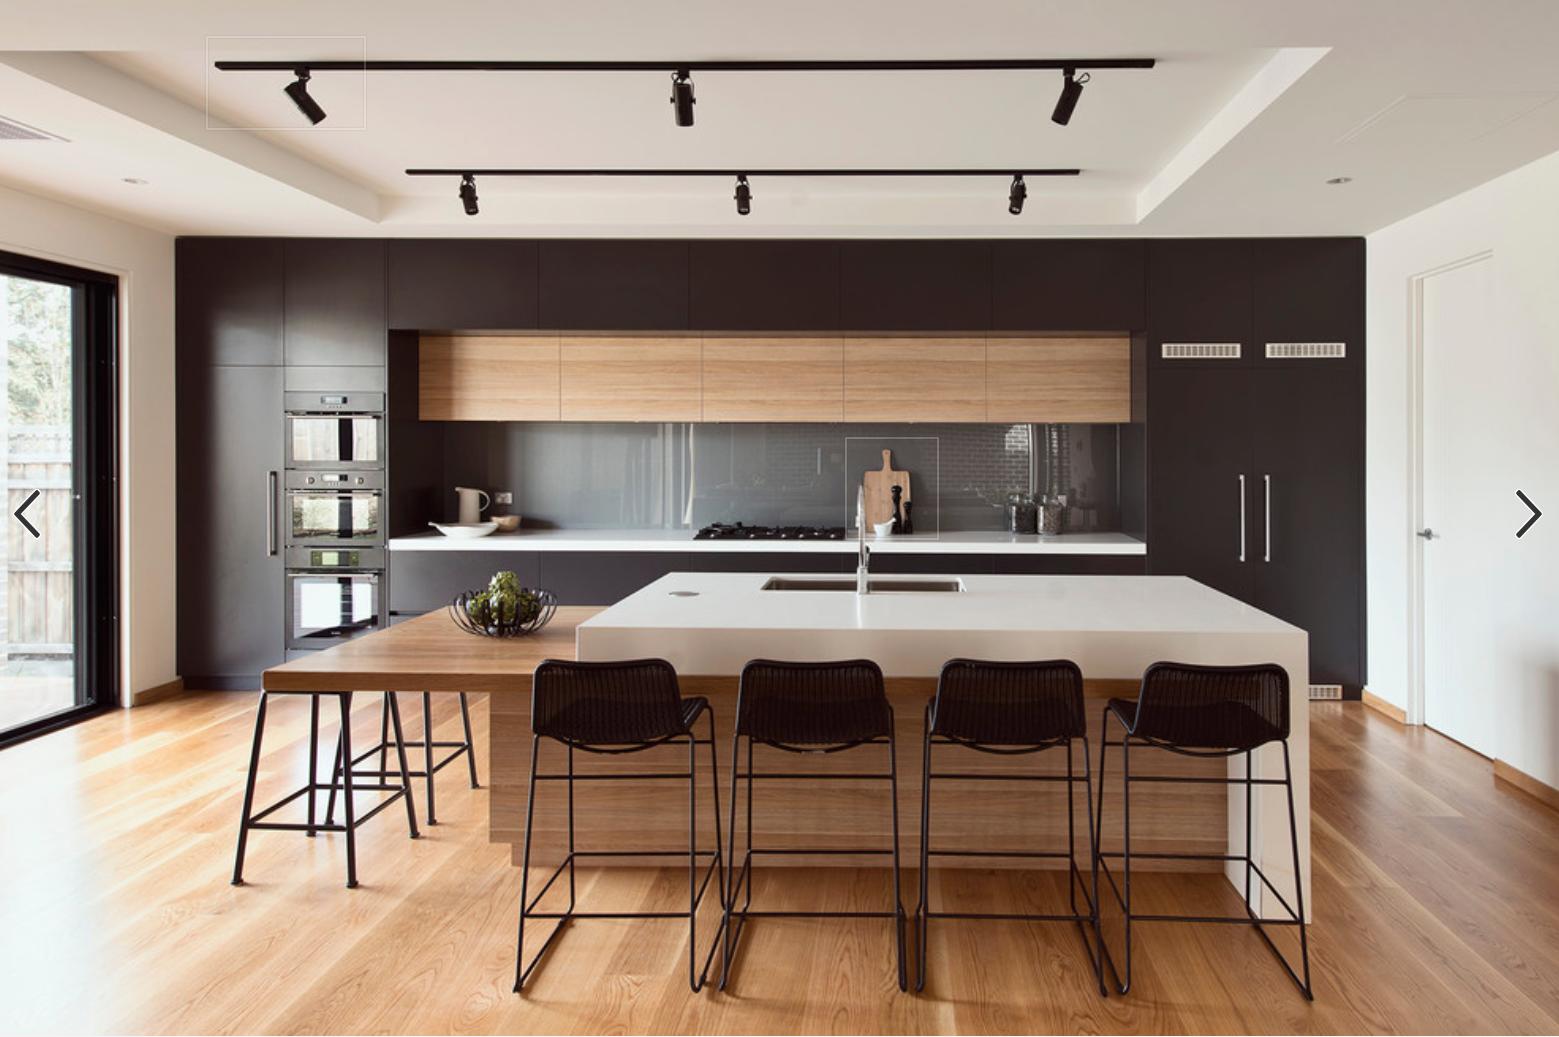 Pin von mossdesign auf Food, Liquor, Architecture   Pinterest   Küche